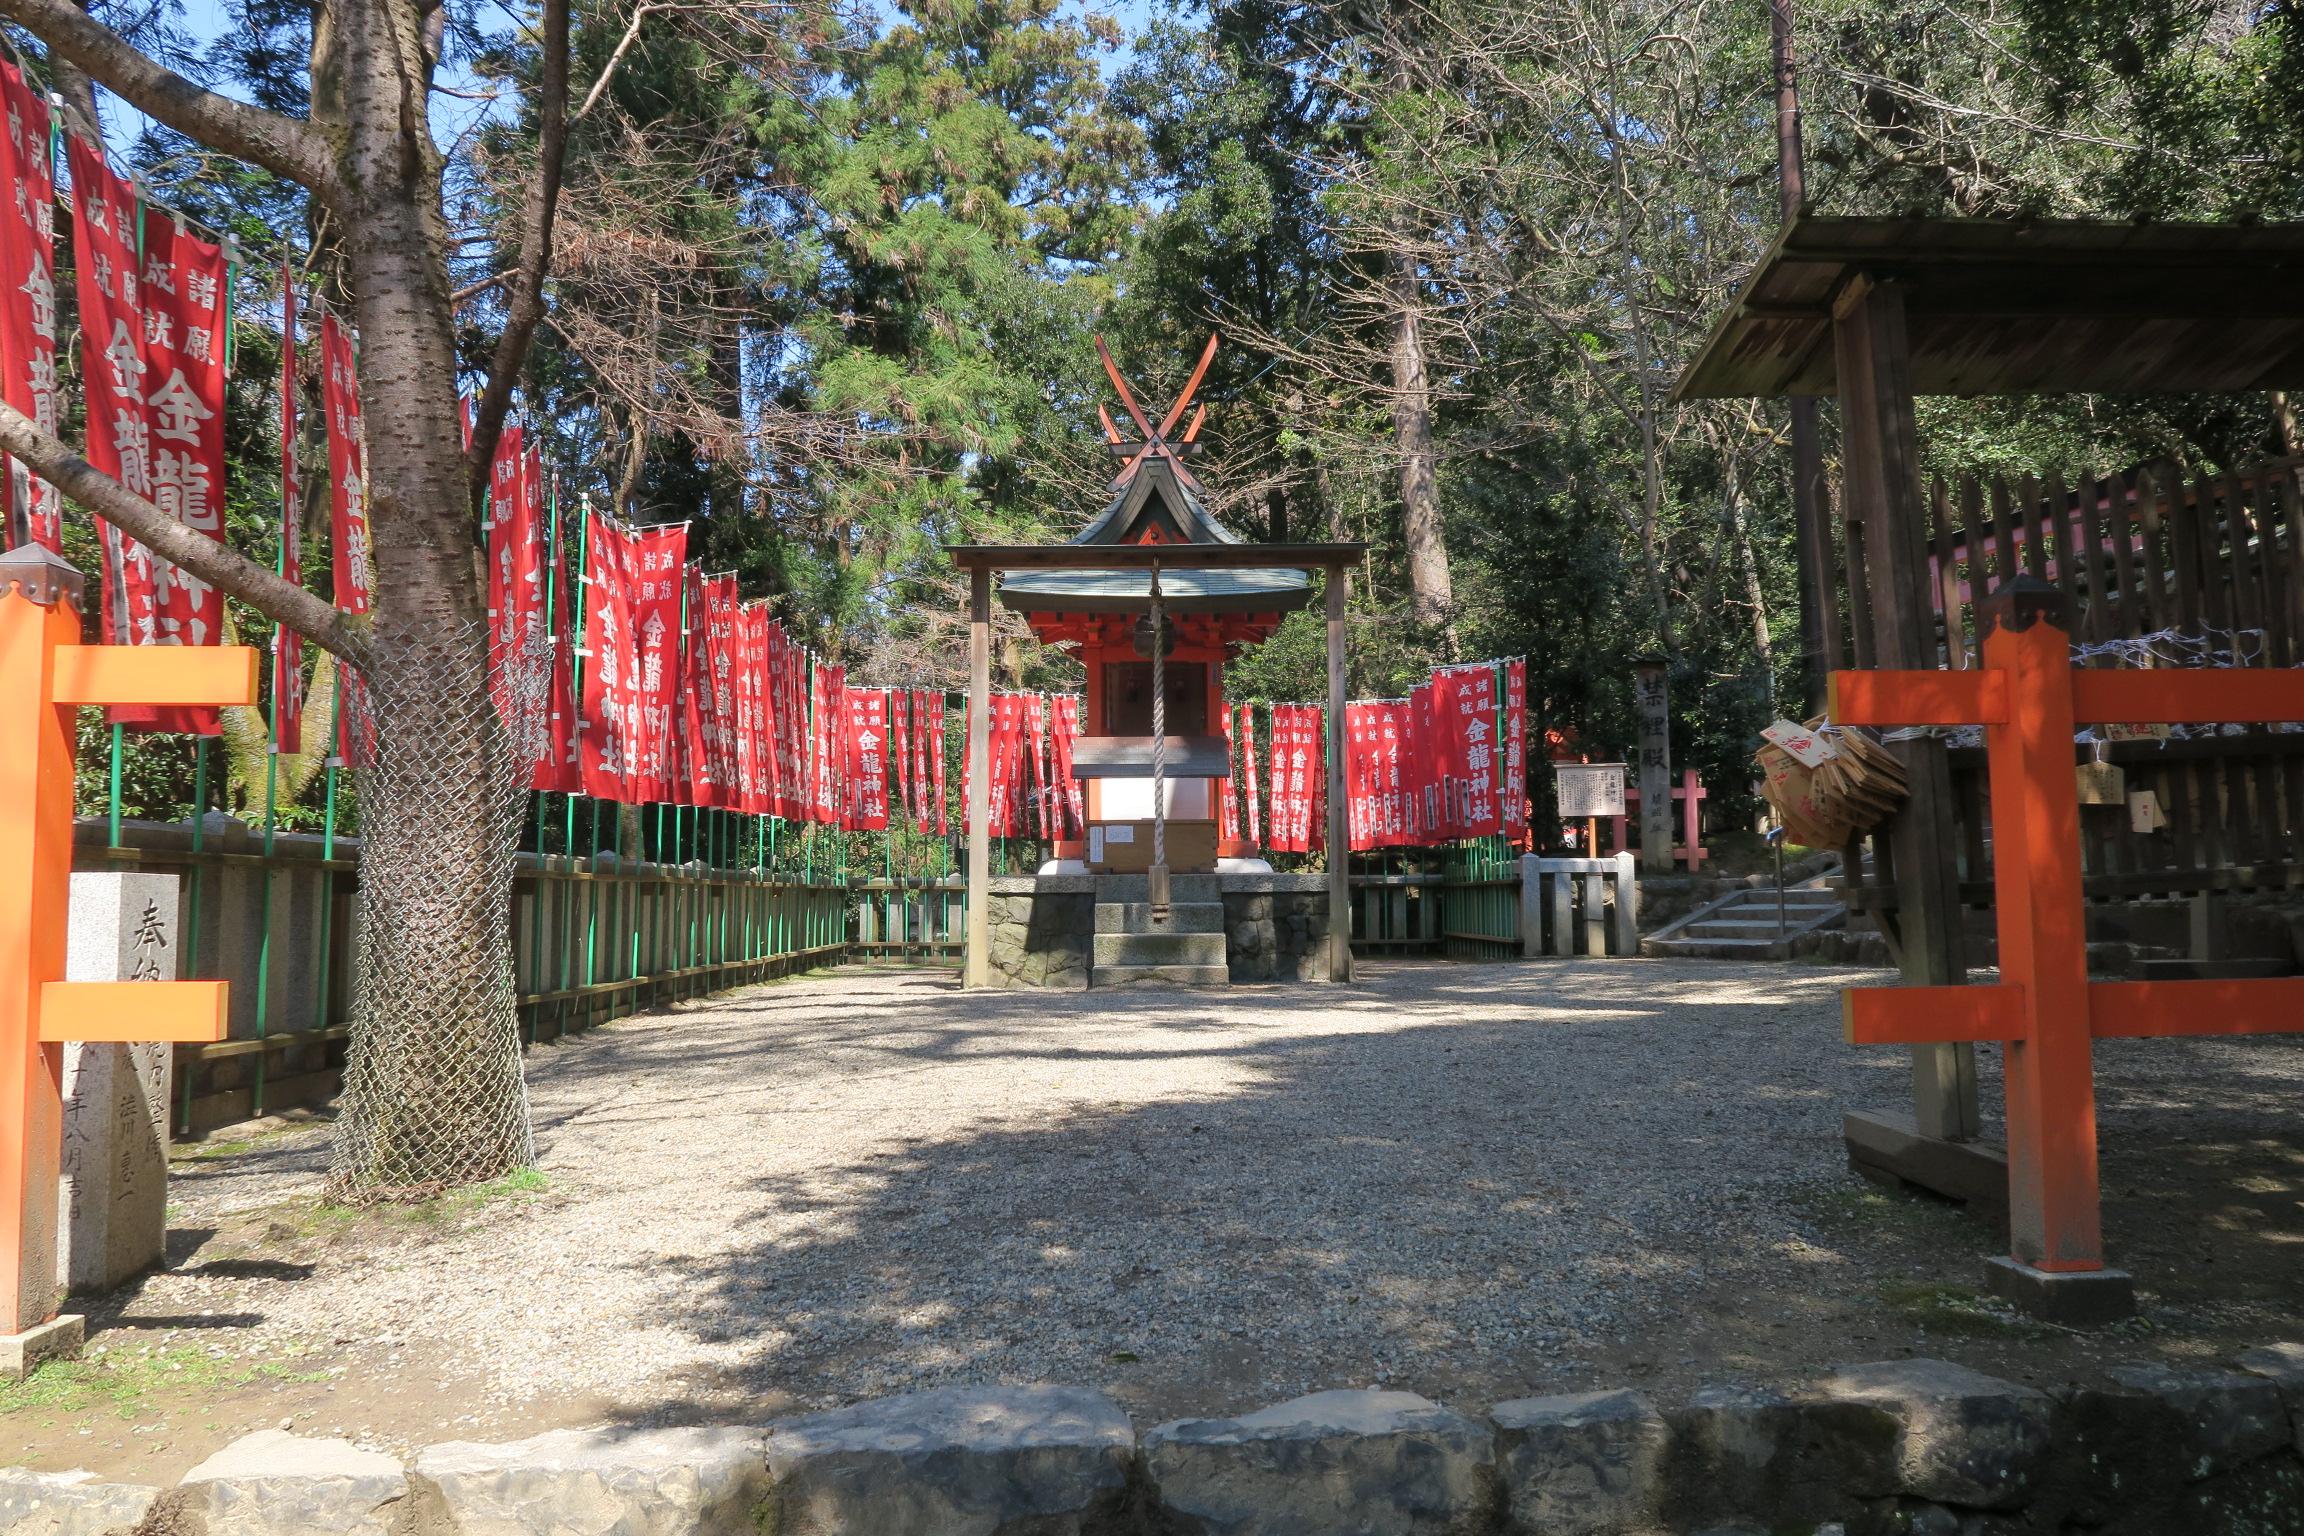 奈良のパワースポット・金龍神社。金運財運アップで人気のある「金龍神社」です。